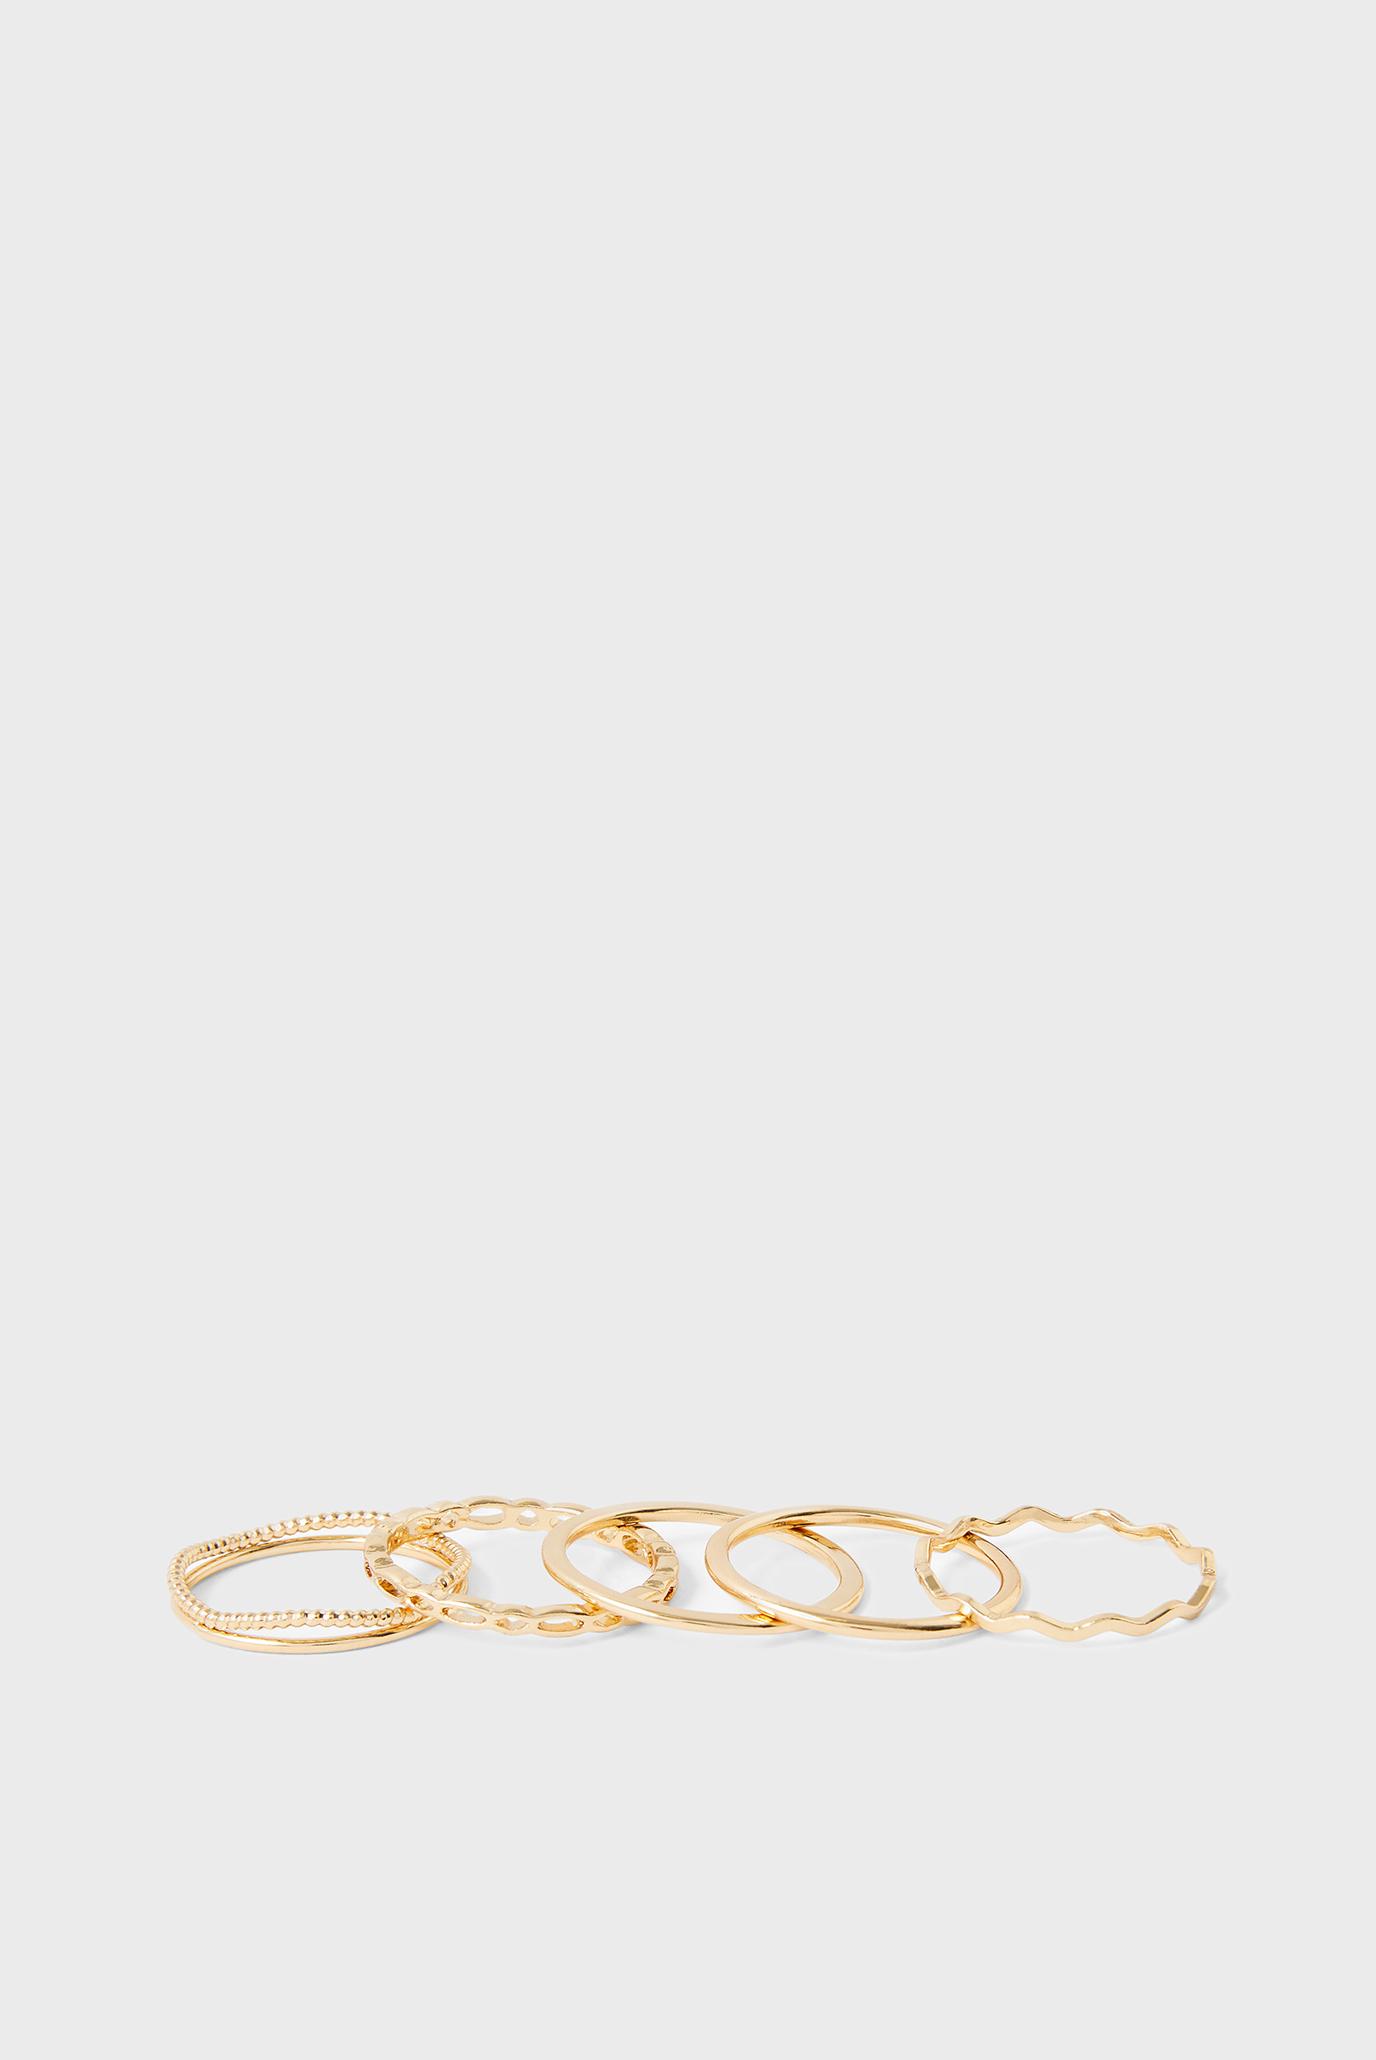 Жіночі золотисті каблучки (5 шт) DFG FINE RING PA 1